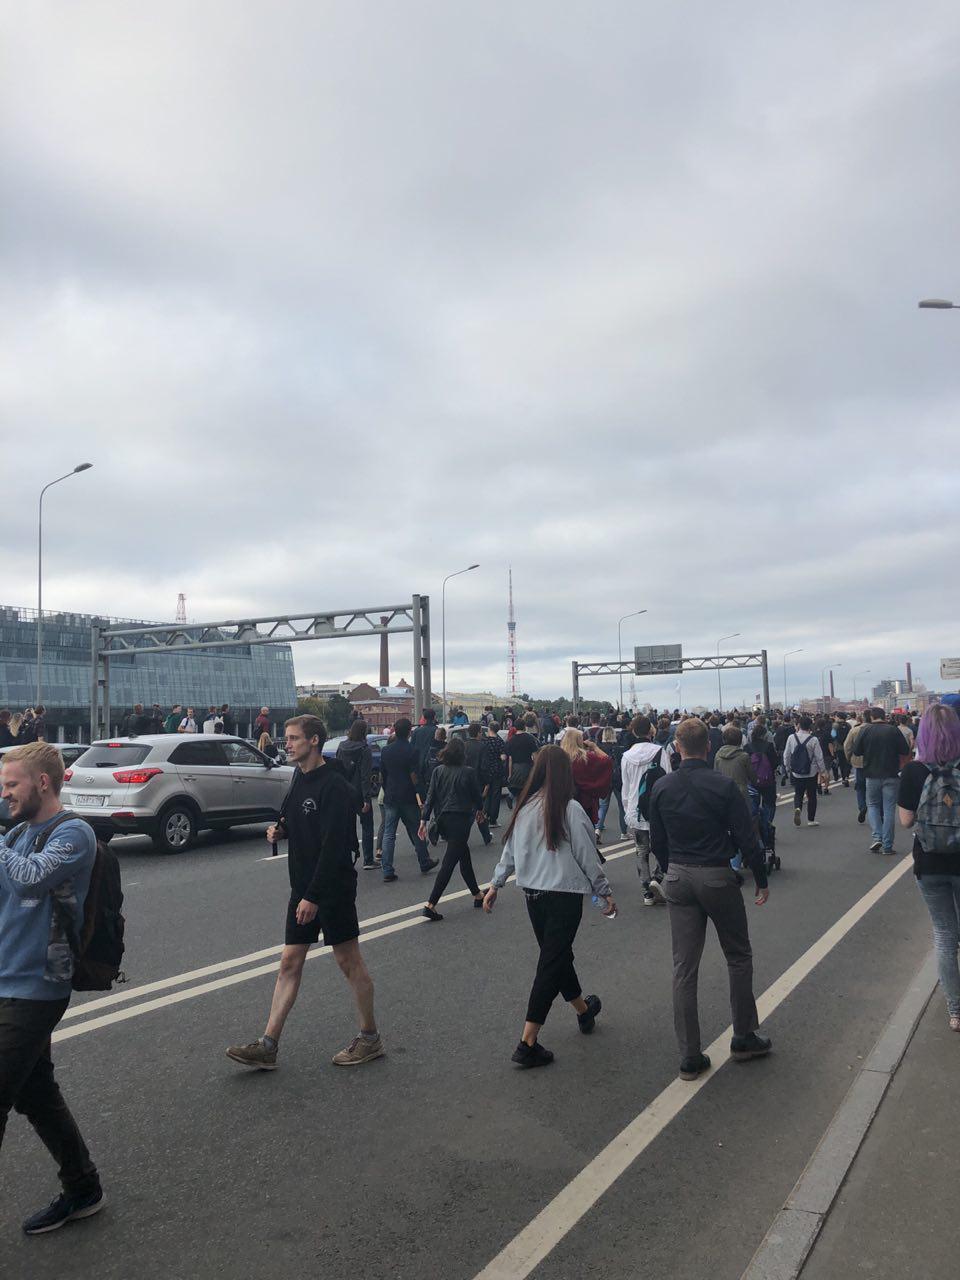 В Петербурге на акции против пенсионной реформы задержаны 500 человек (Иллюстрация 2 из 4) (Фото: Ксения Клочкова /